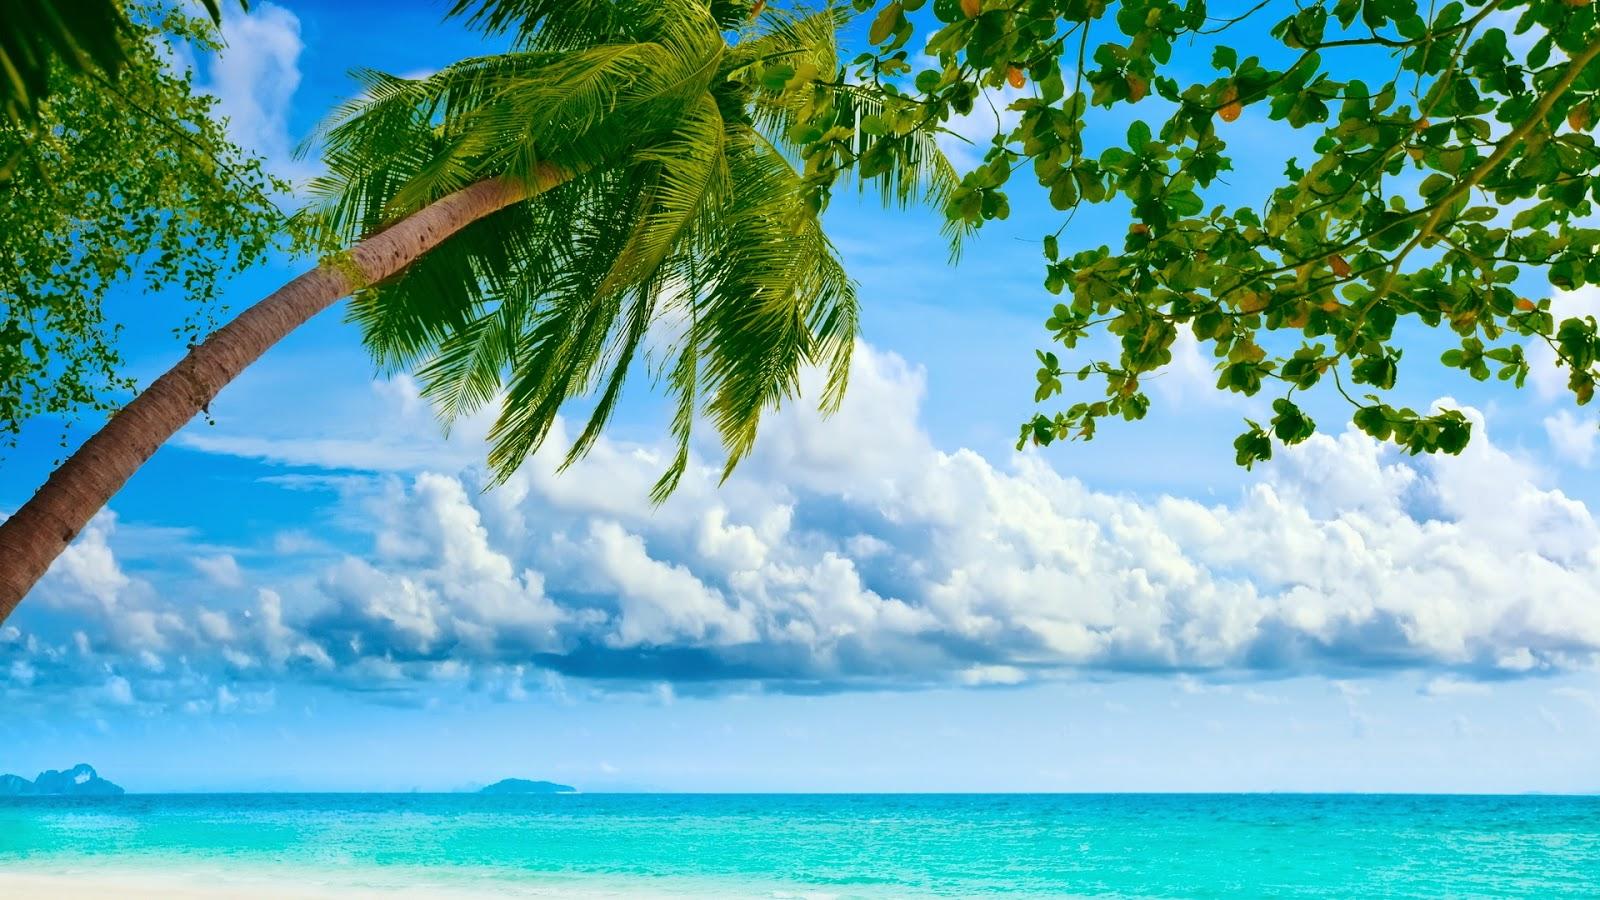 Eiland met palmbomen en blauwe oceaan